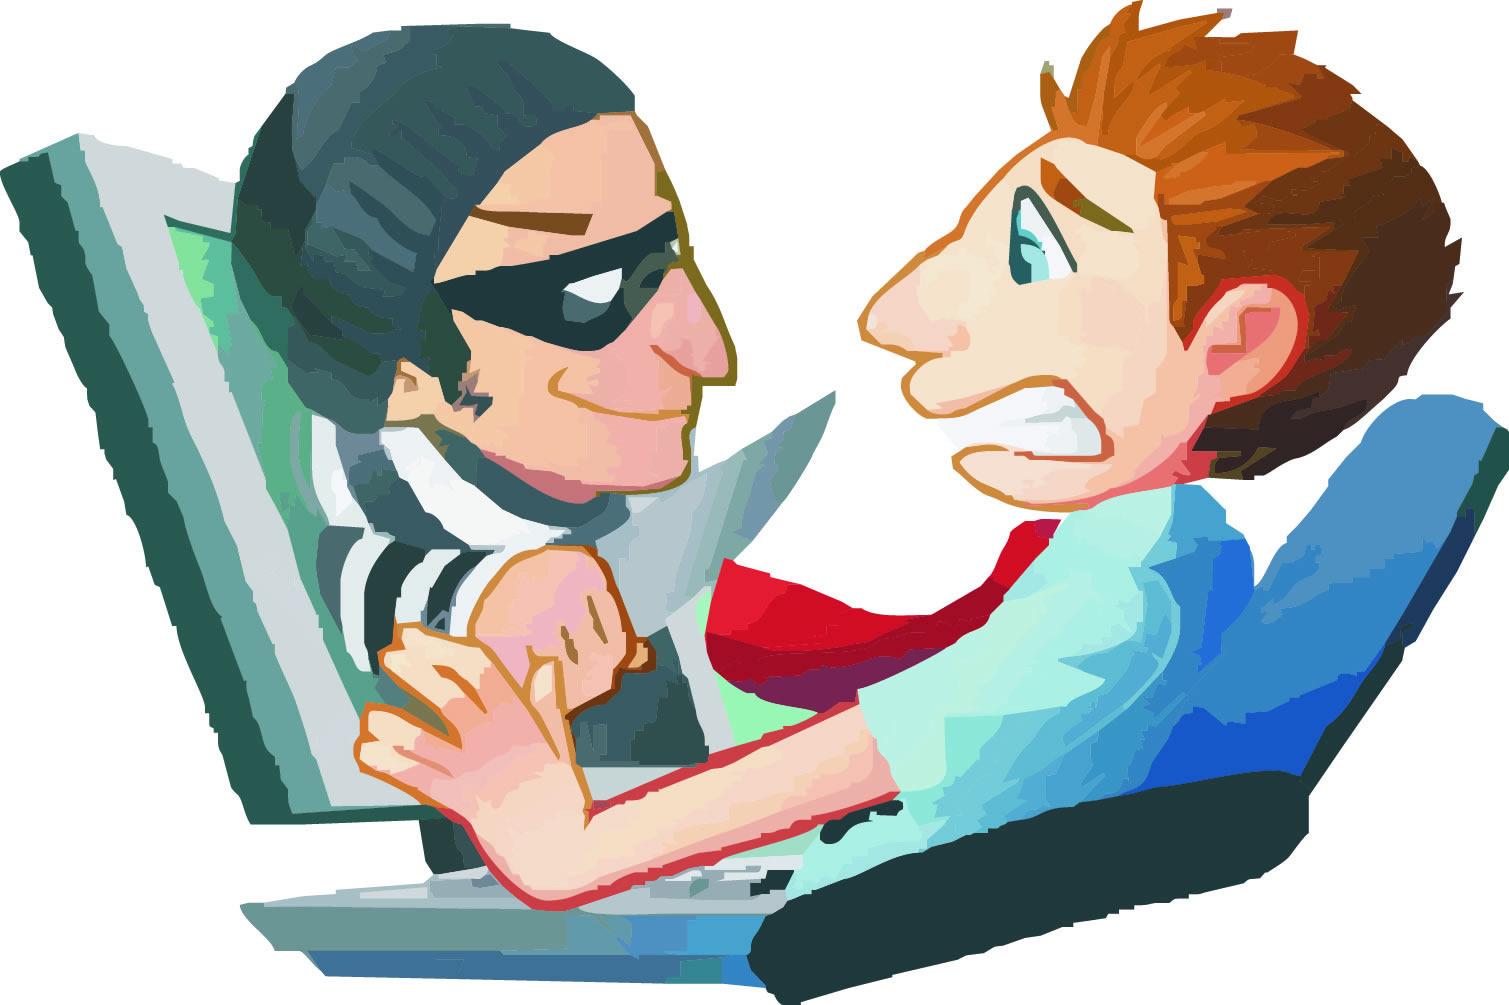 Kibernetični kriminal postaja vse bolj pogost.